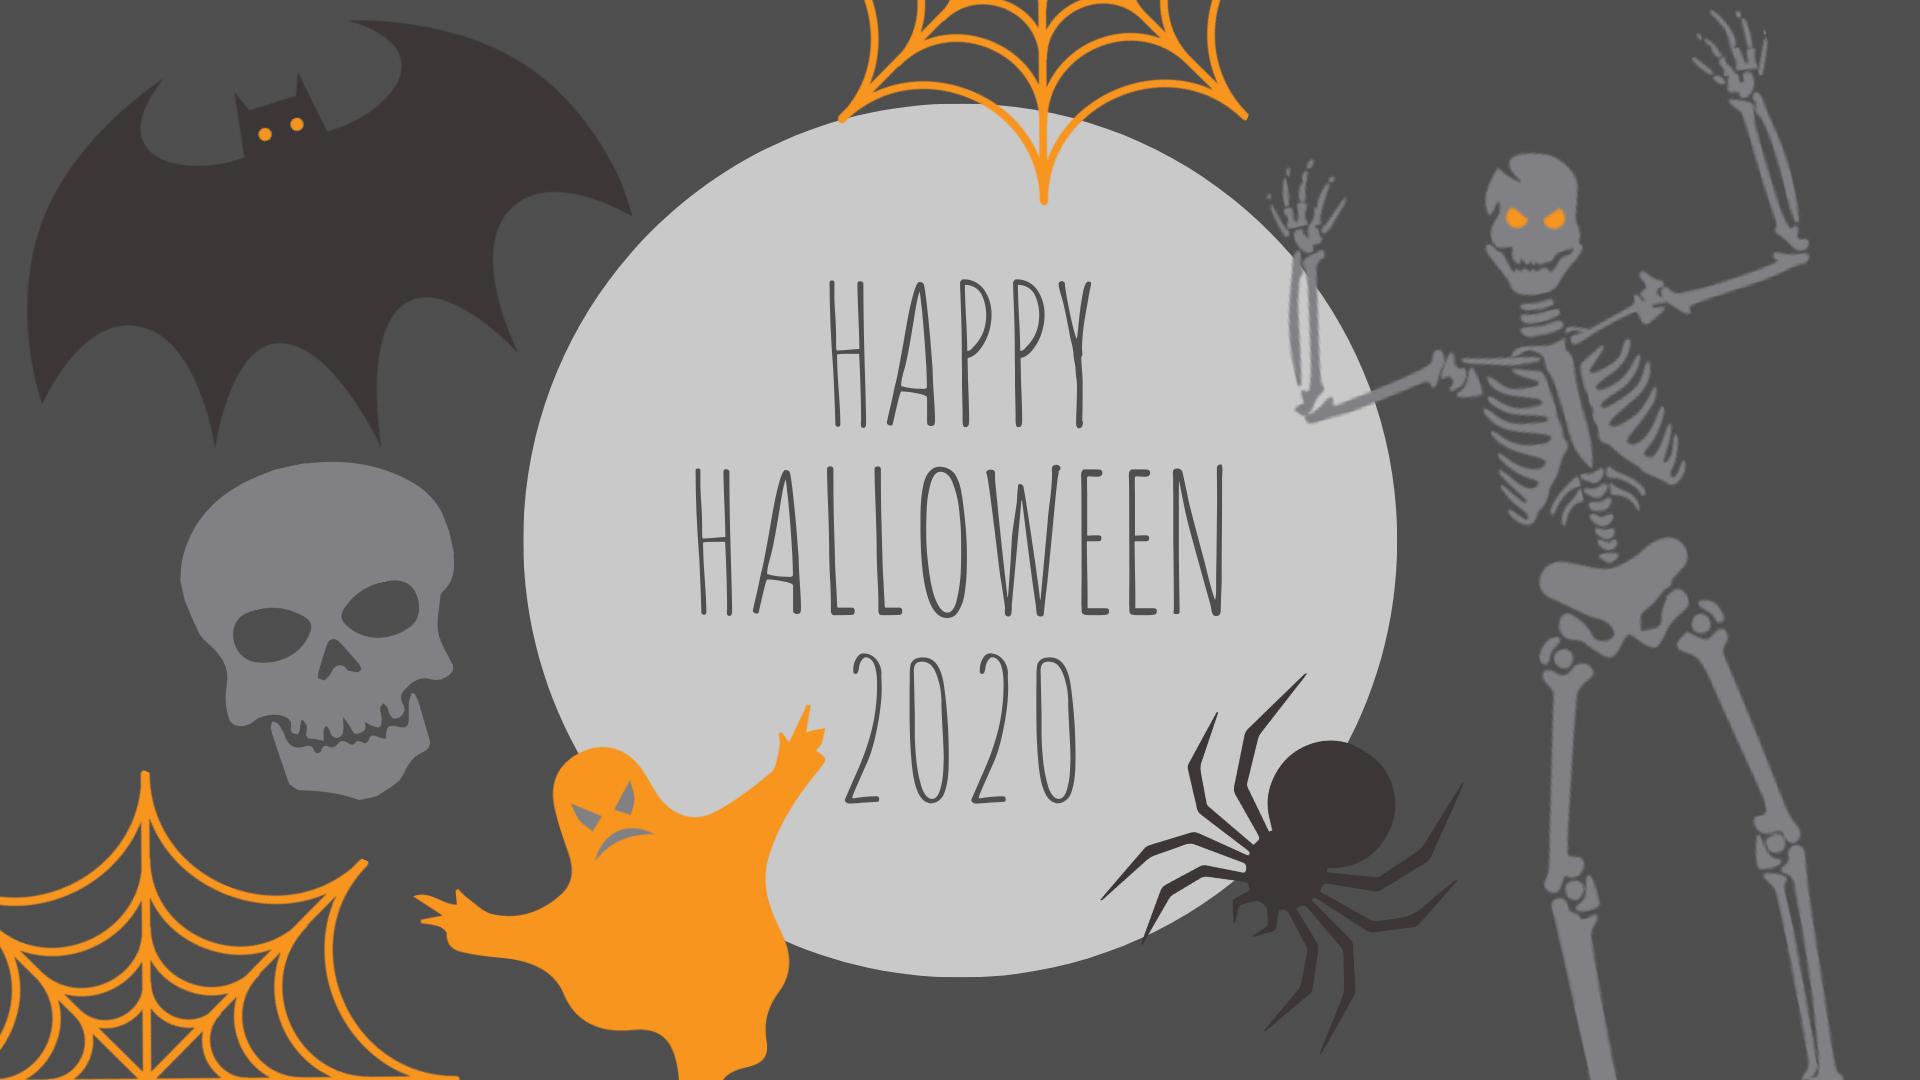 Halloween 2020 Wallpapers 1920x1080